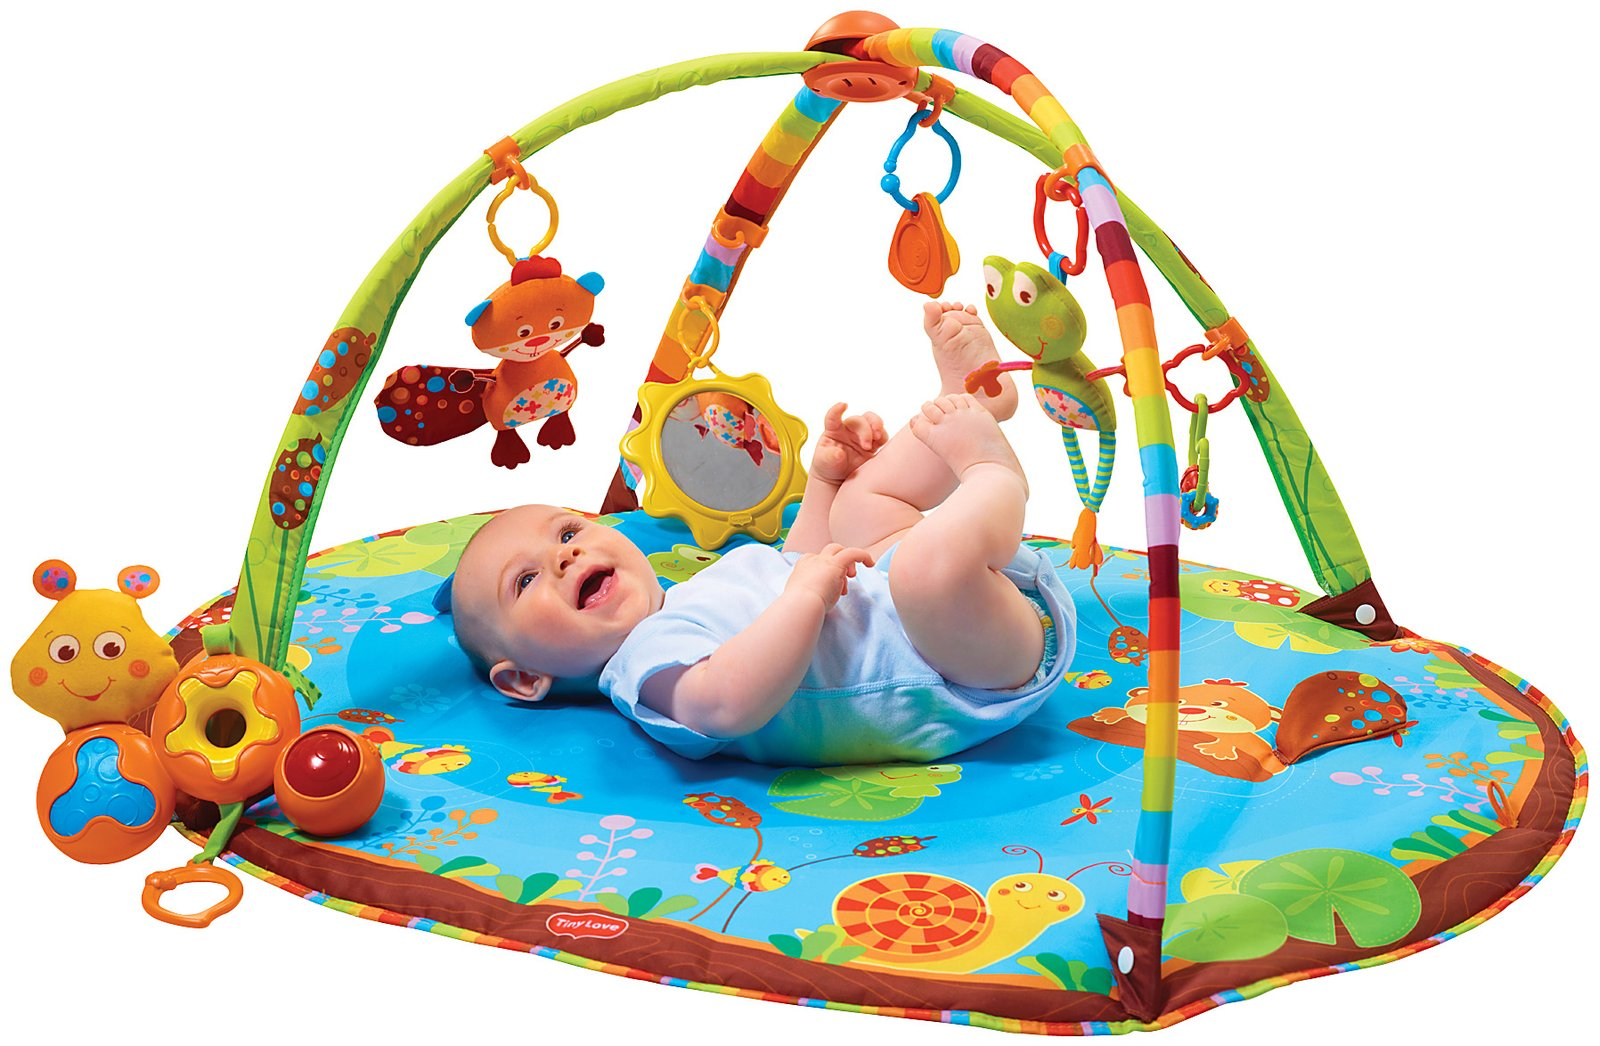 Коврики для грудничков с дугами и игрушками